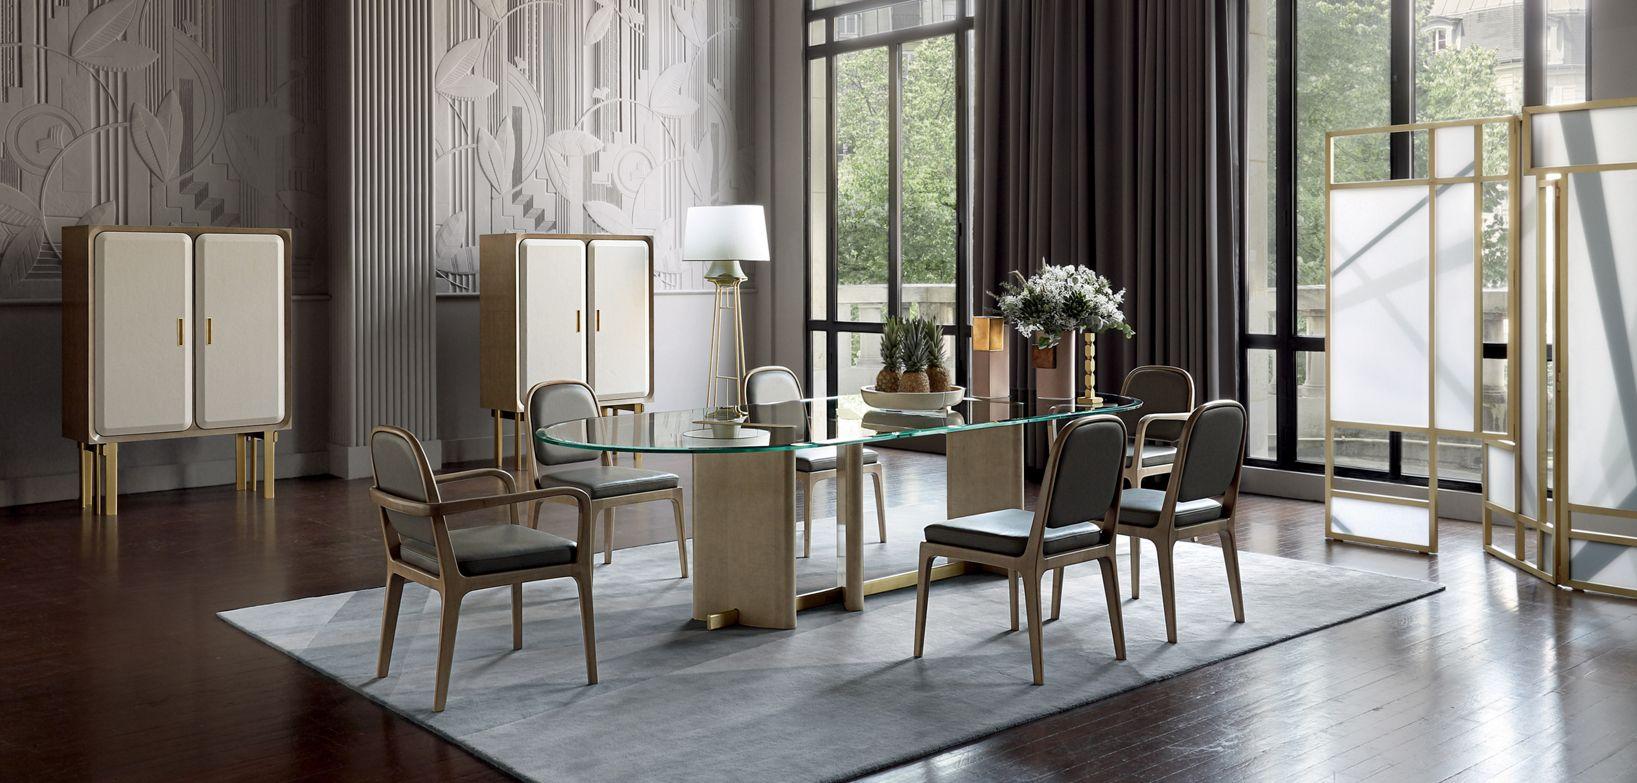 Salle A Manger Paris paris paname dining table - glass top | roche bobois